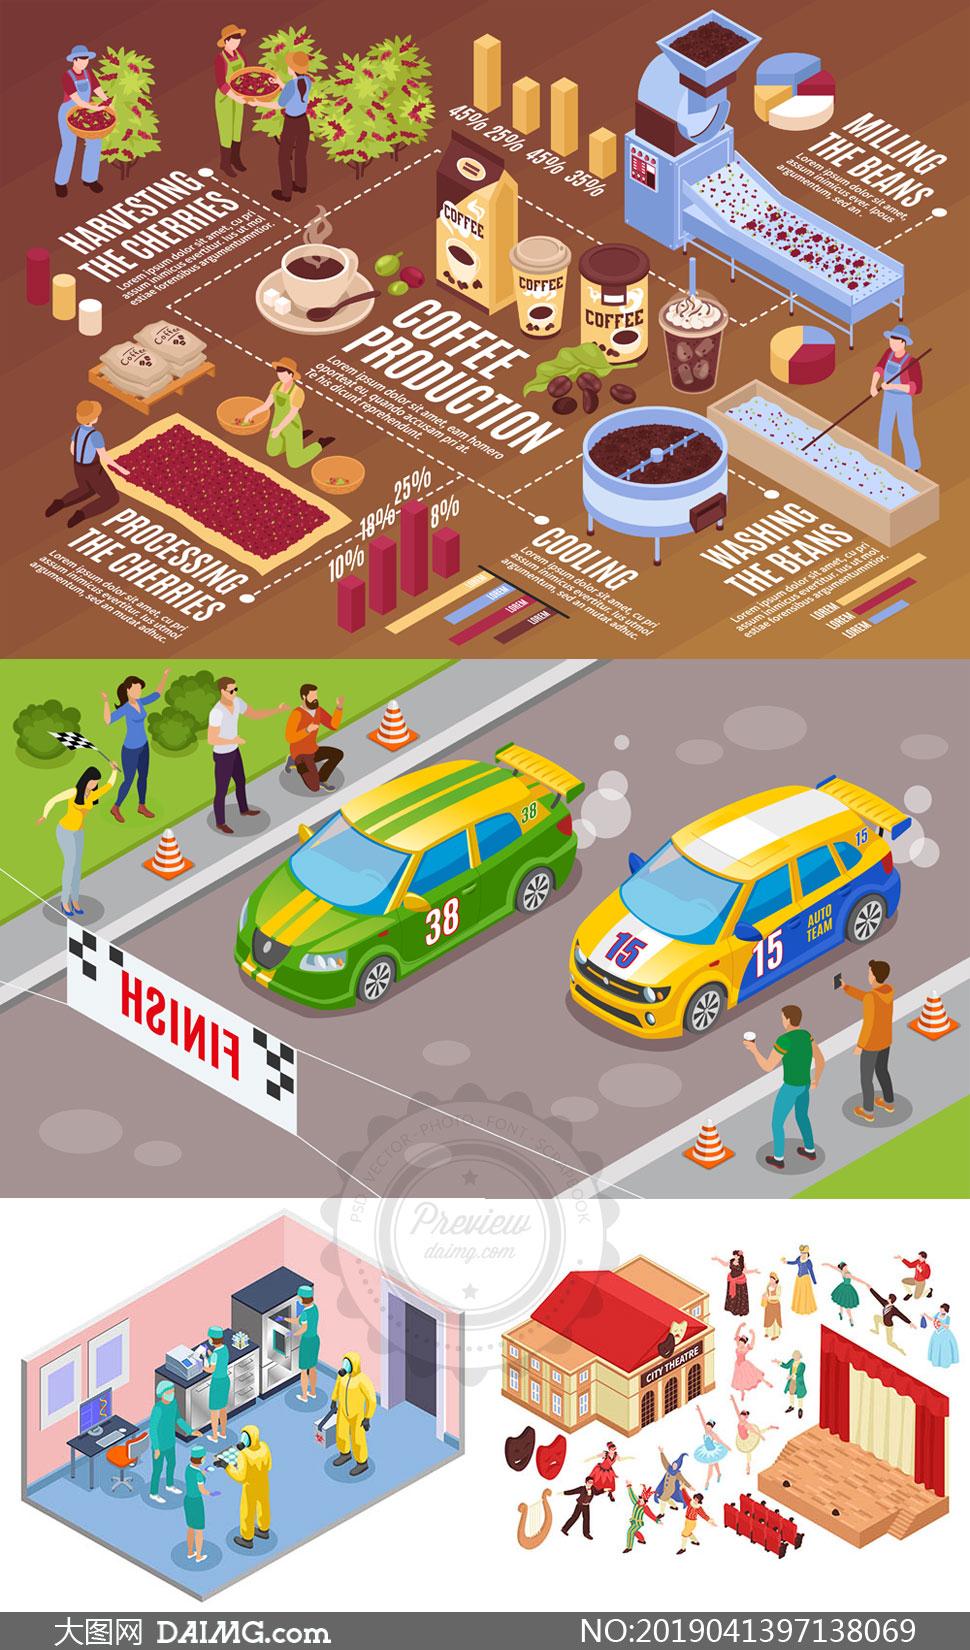 咖啡制作流程与赛车等创意矢量素材